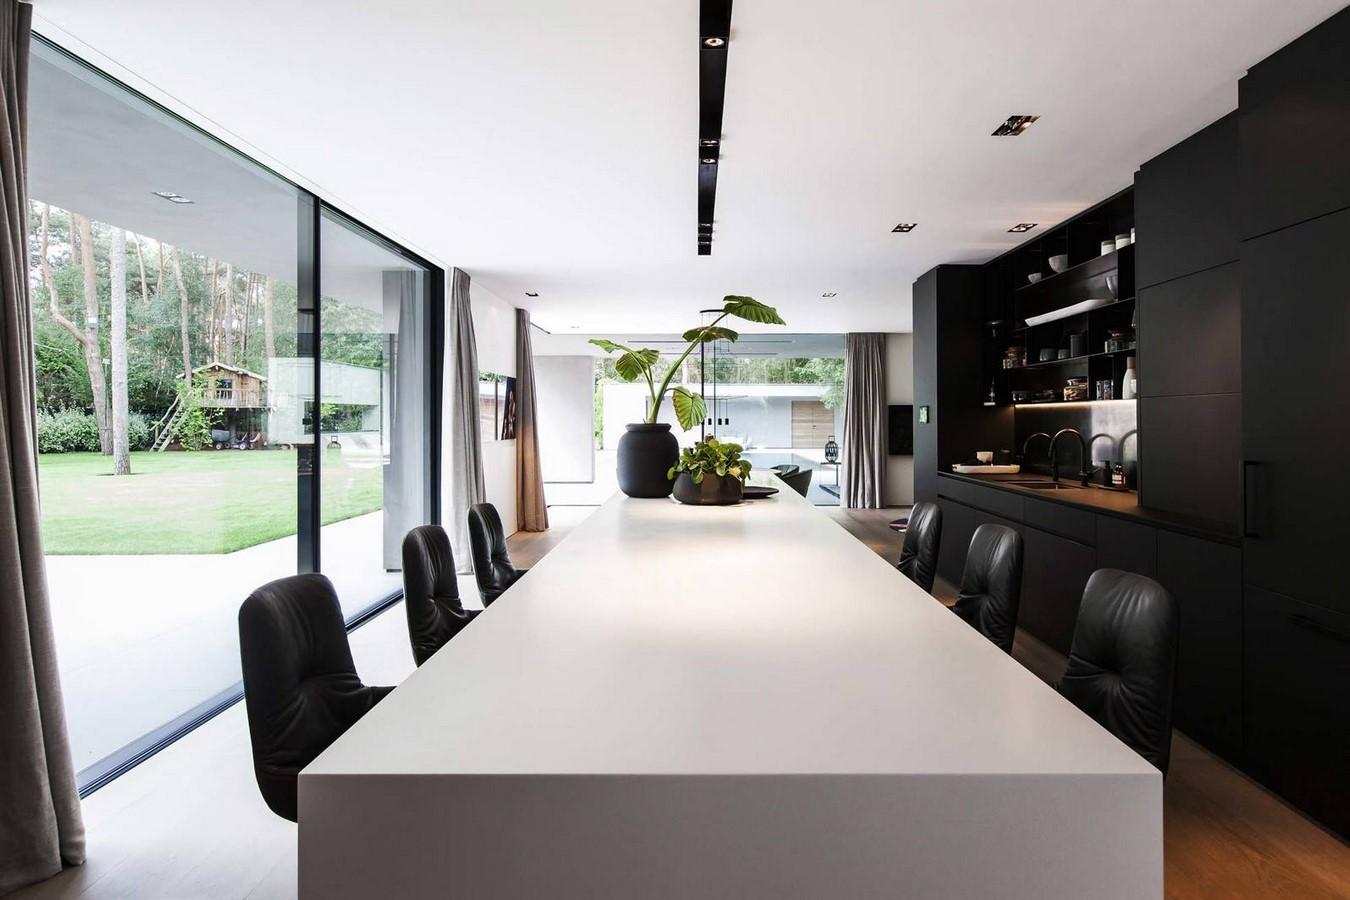 Dutch designer Jan des Bouvrie known for white interiors dies aged 78 - Sheet3